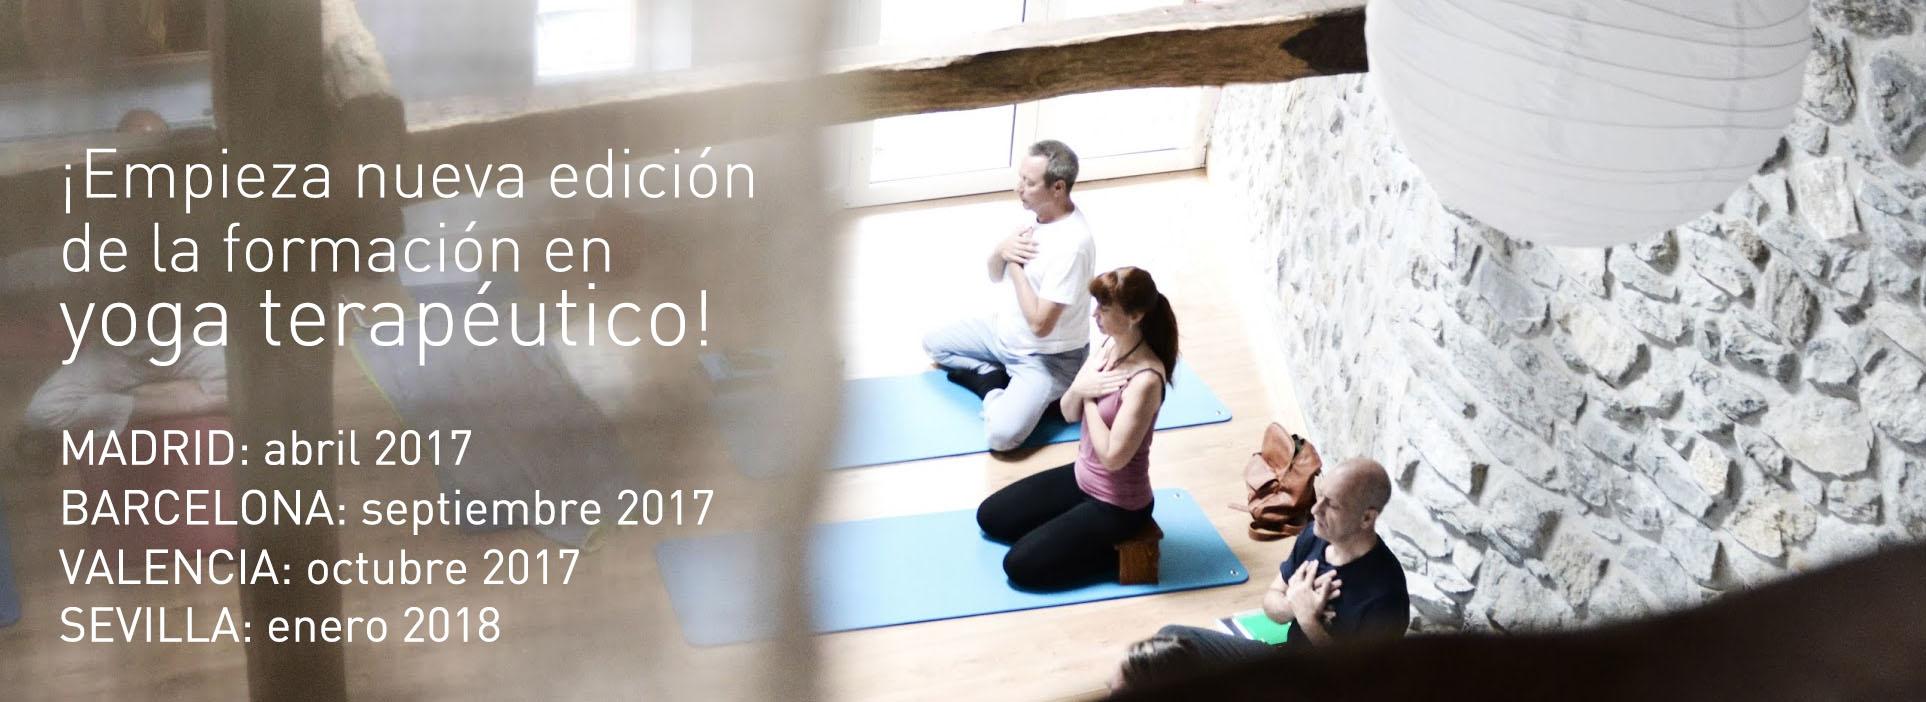 slider-inicio-formacion-2017